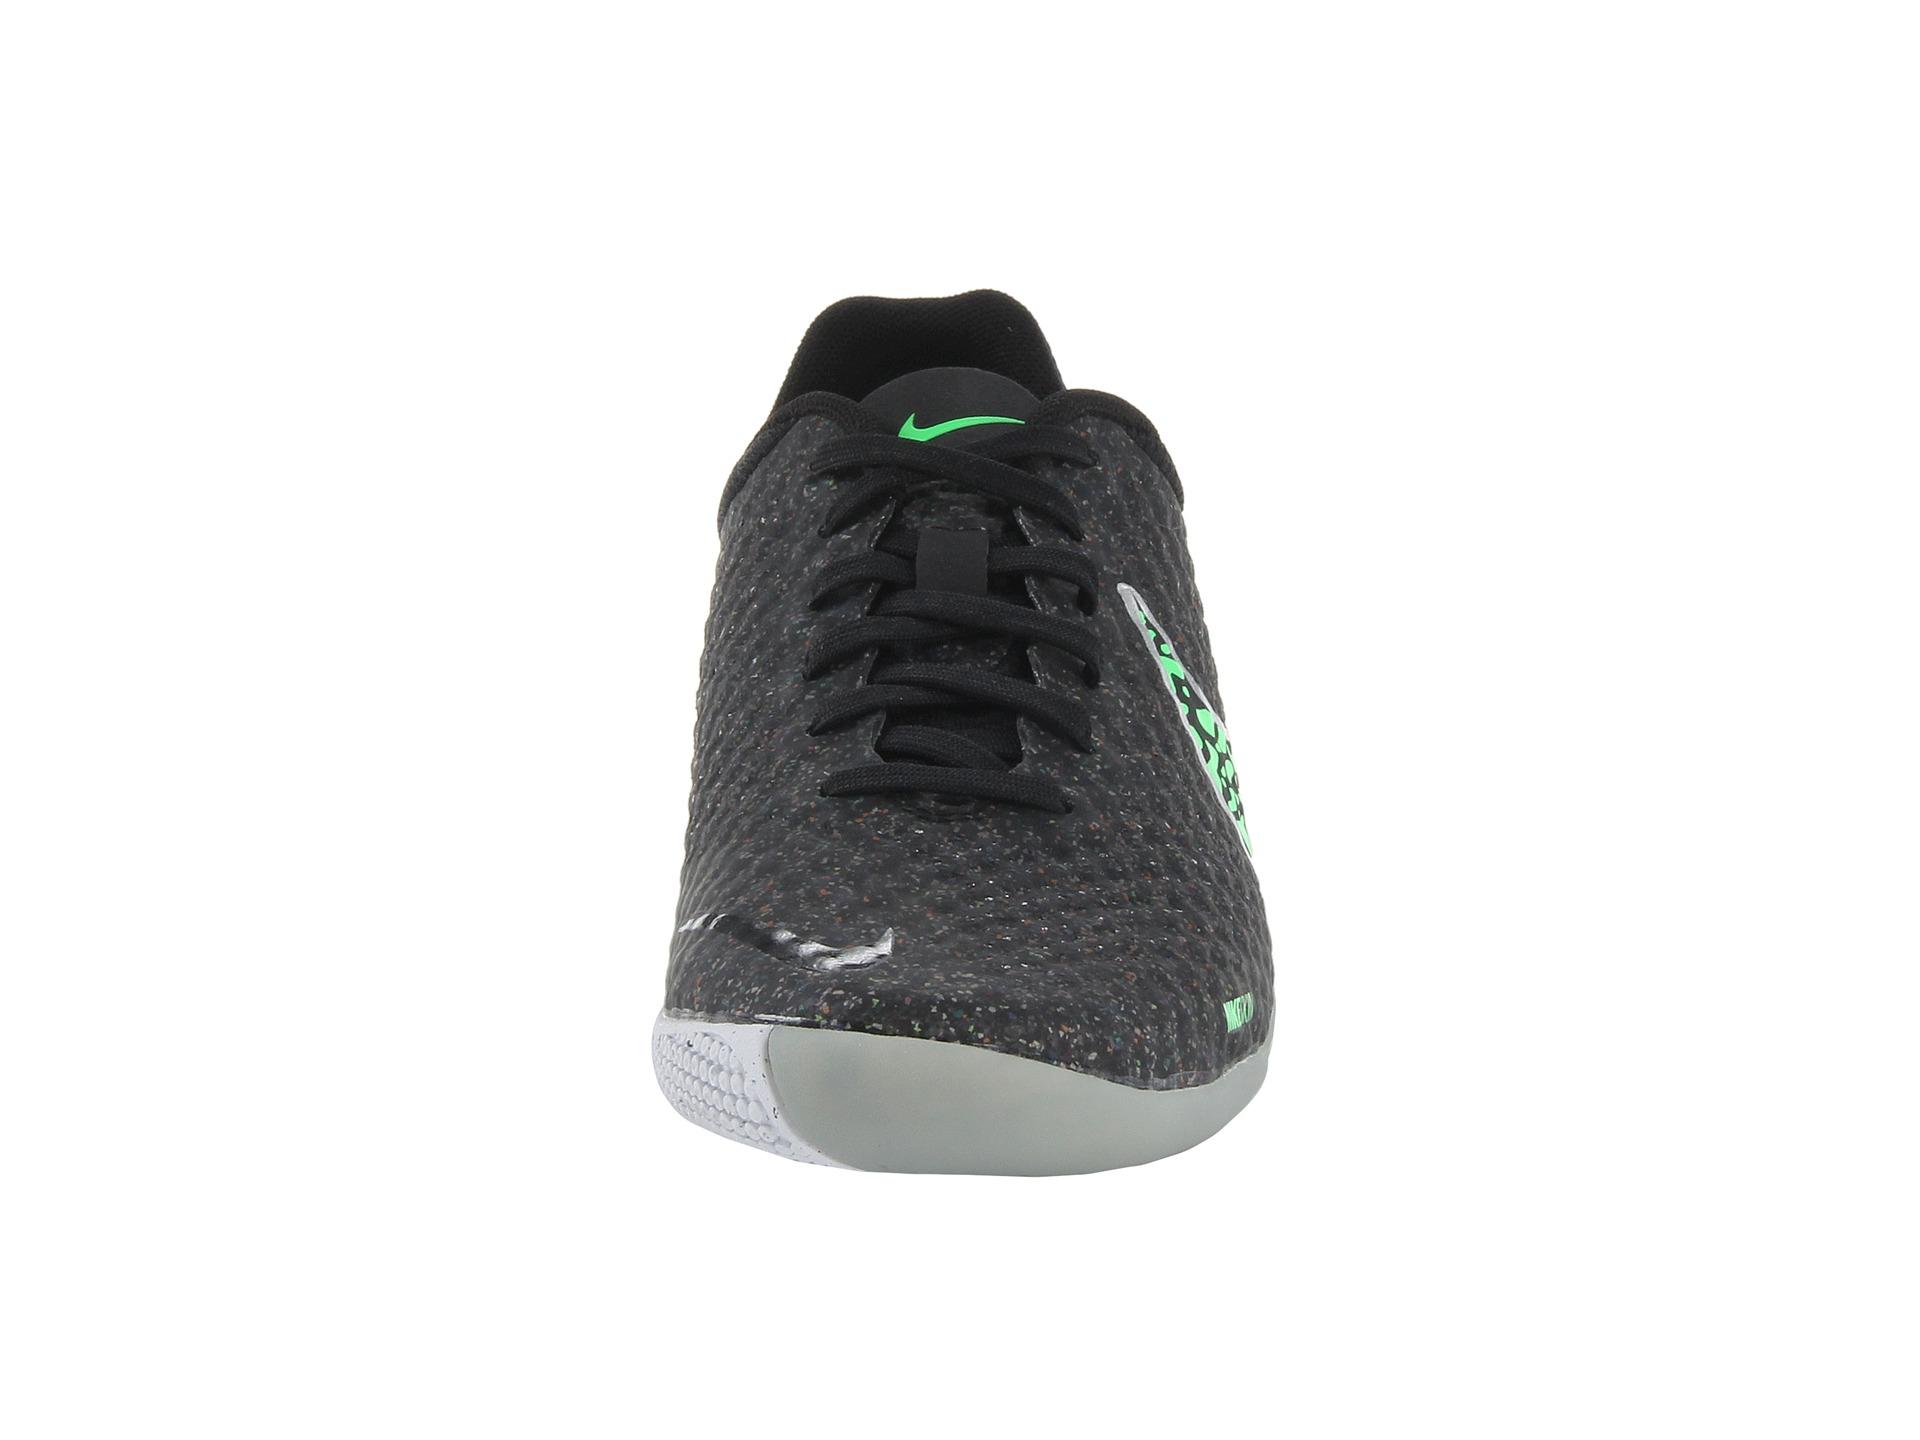 1c80a336b Nike Elastico Finale Ii in Green for Men - Lyst